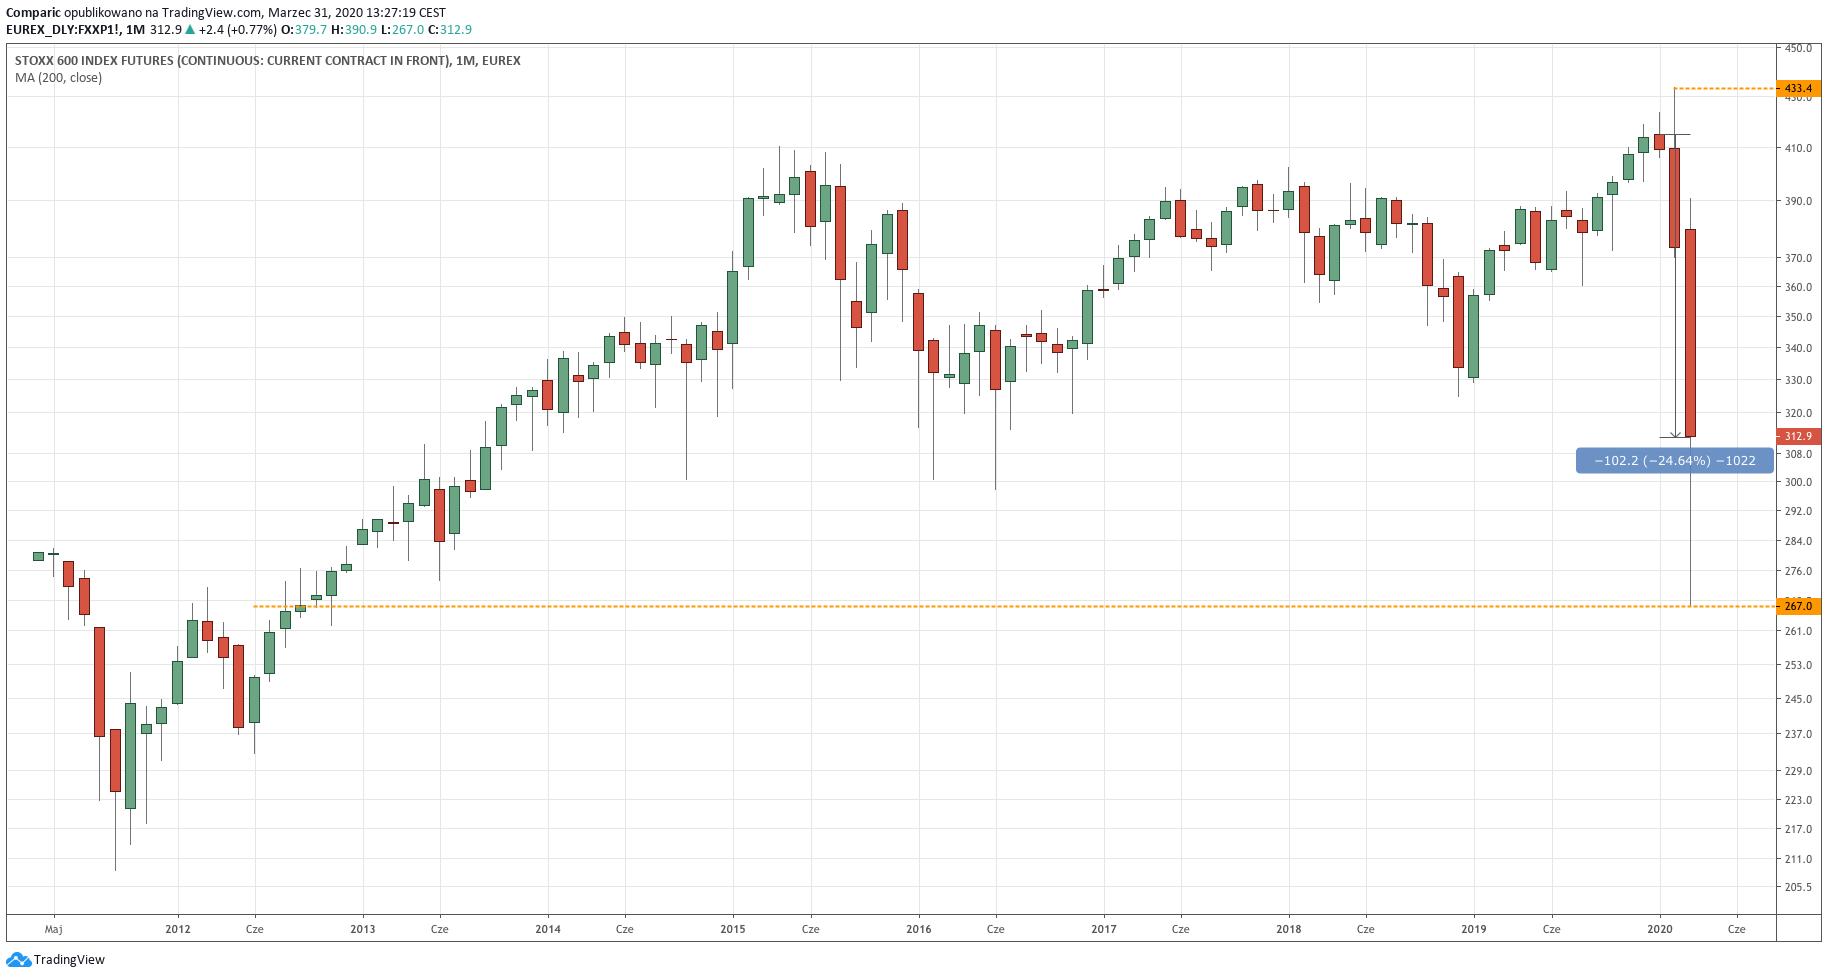 Indeks Euro Stoxx 600 traci obecnie ponad 24% od początku roku. Jest to największa kwartalna przecena w historii.